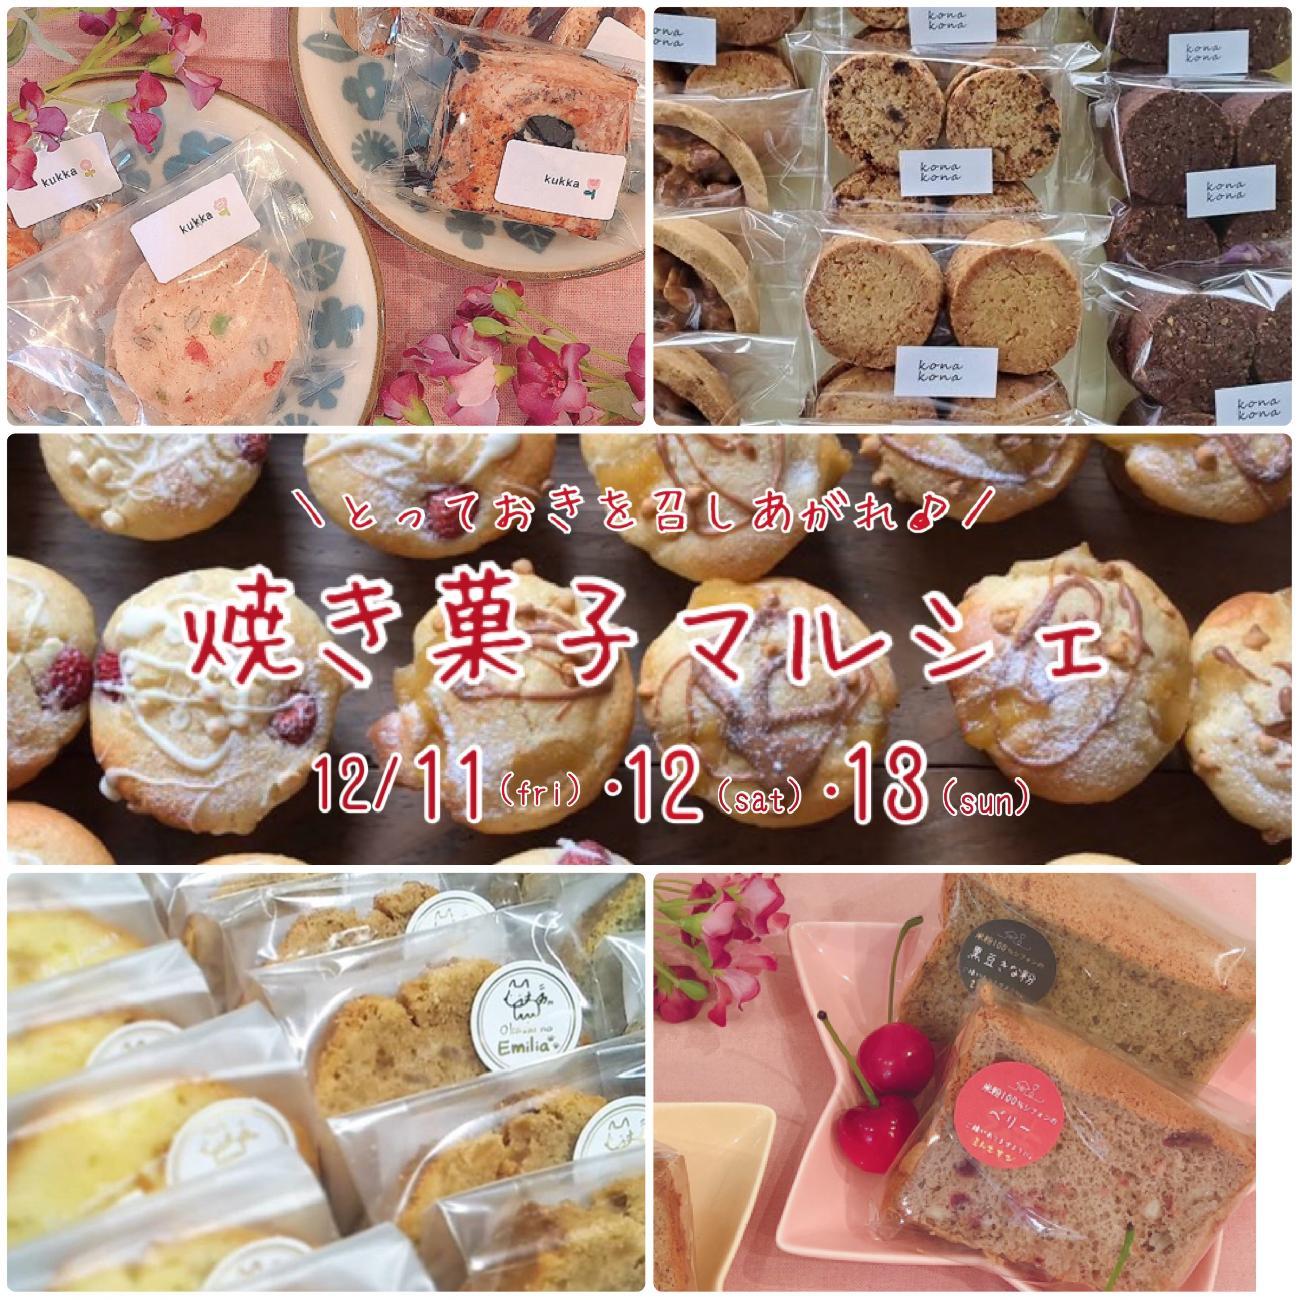 焼き菓子マルシェ2020冬/お菓子/イベント/雑貨屋/津山/岡山